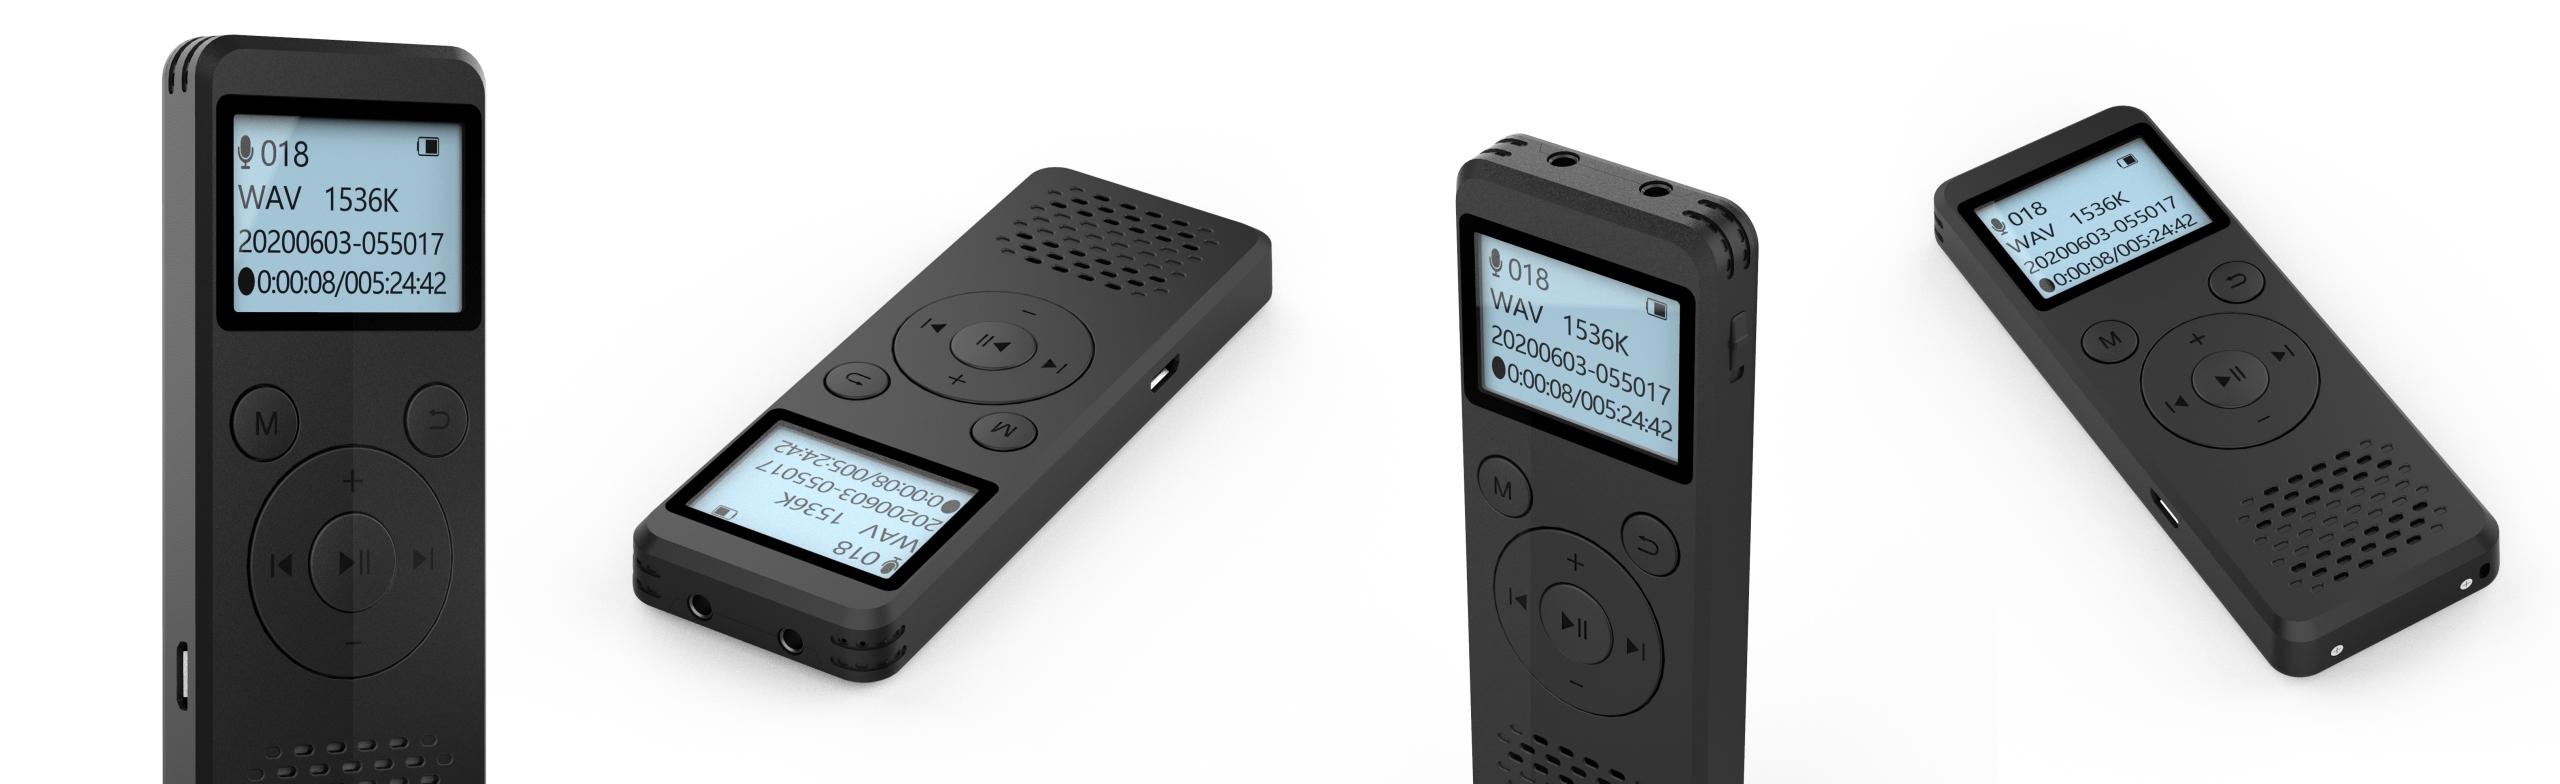 Szpiegowski Dyktafon cyfrowy1536Kbps 8GB detekcja Funkcje blokada przycisków funkcja dysku wymiennego podświetlenie wyświetlacza regulacja czułości mikrofonu regulacja prędkości odtwarzania